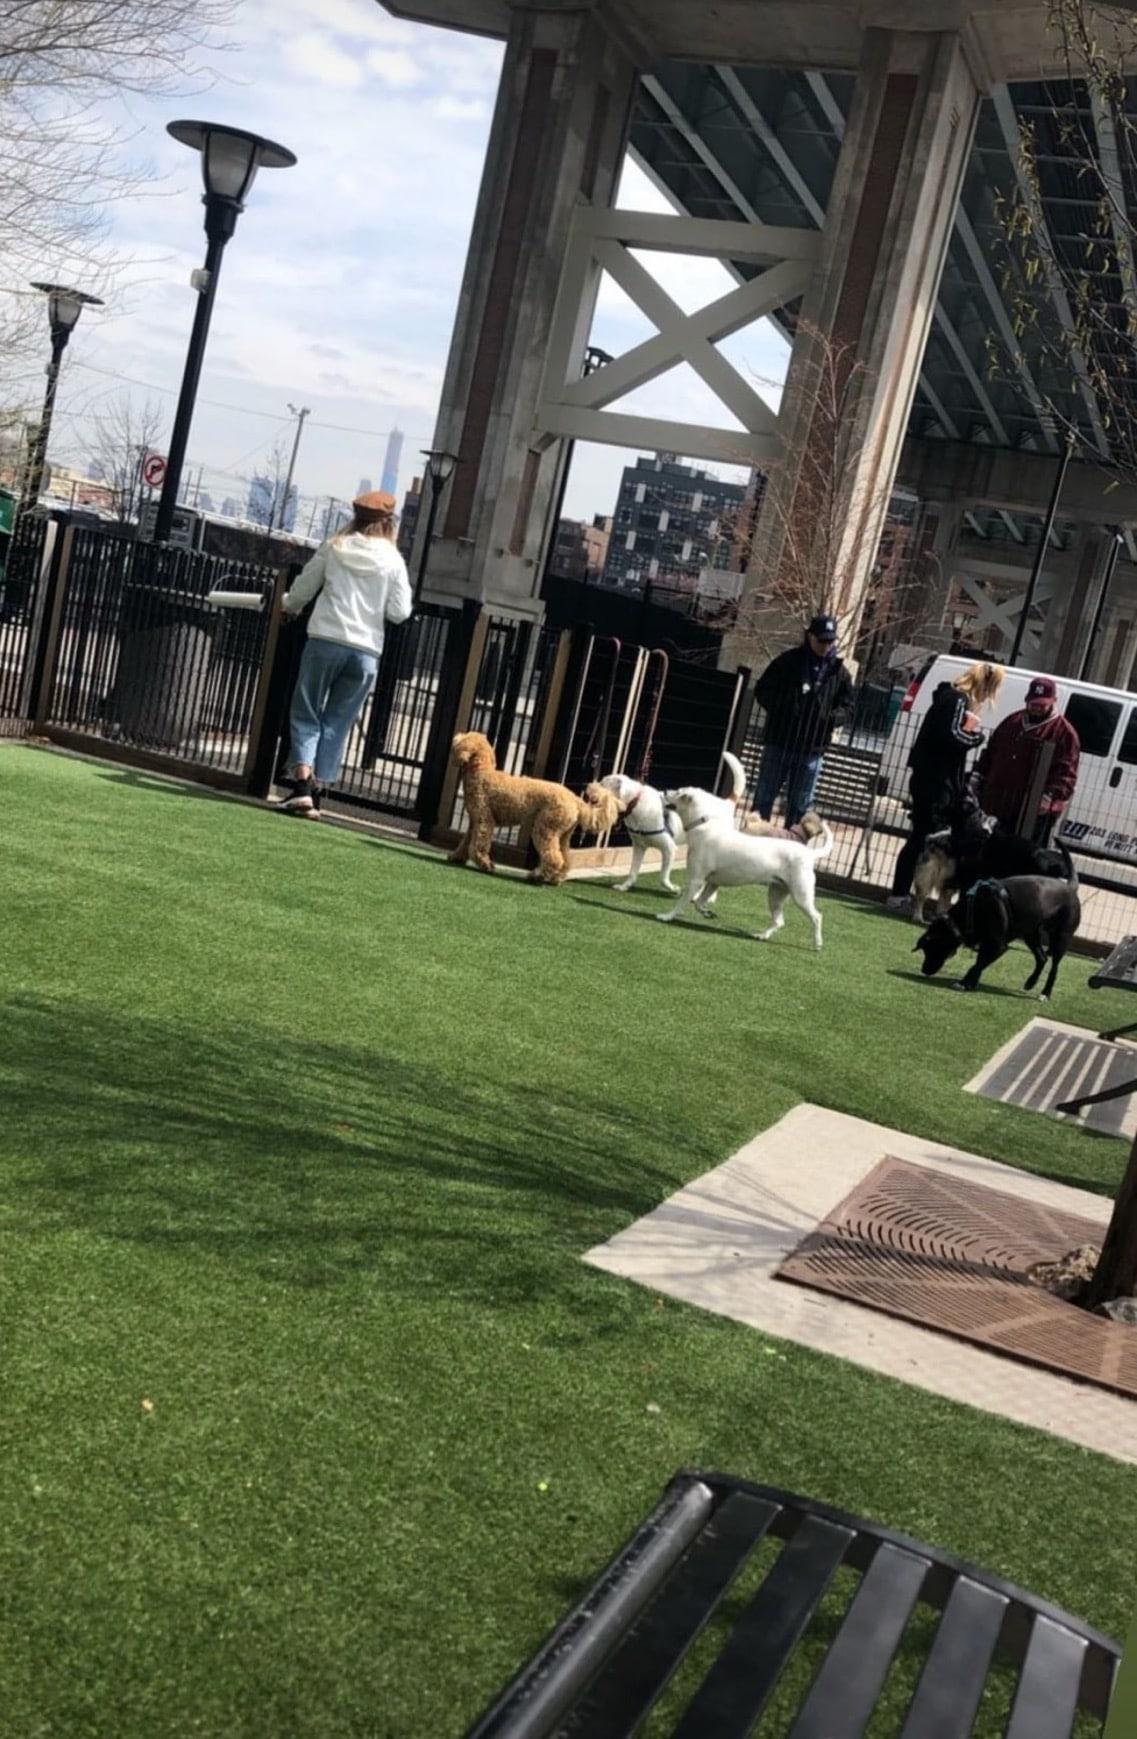 dogs dog run